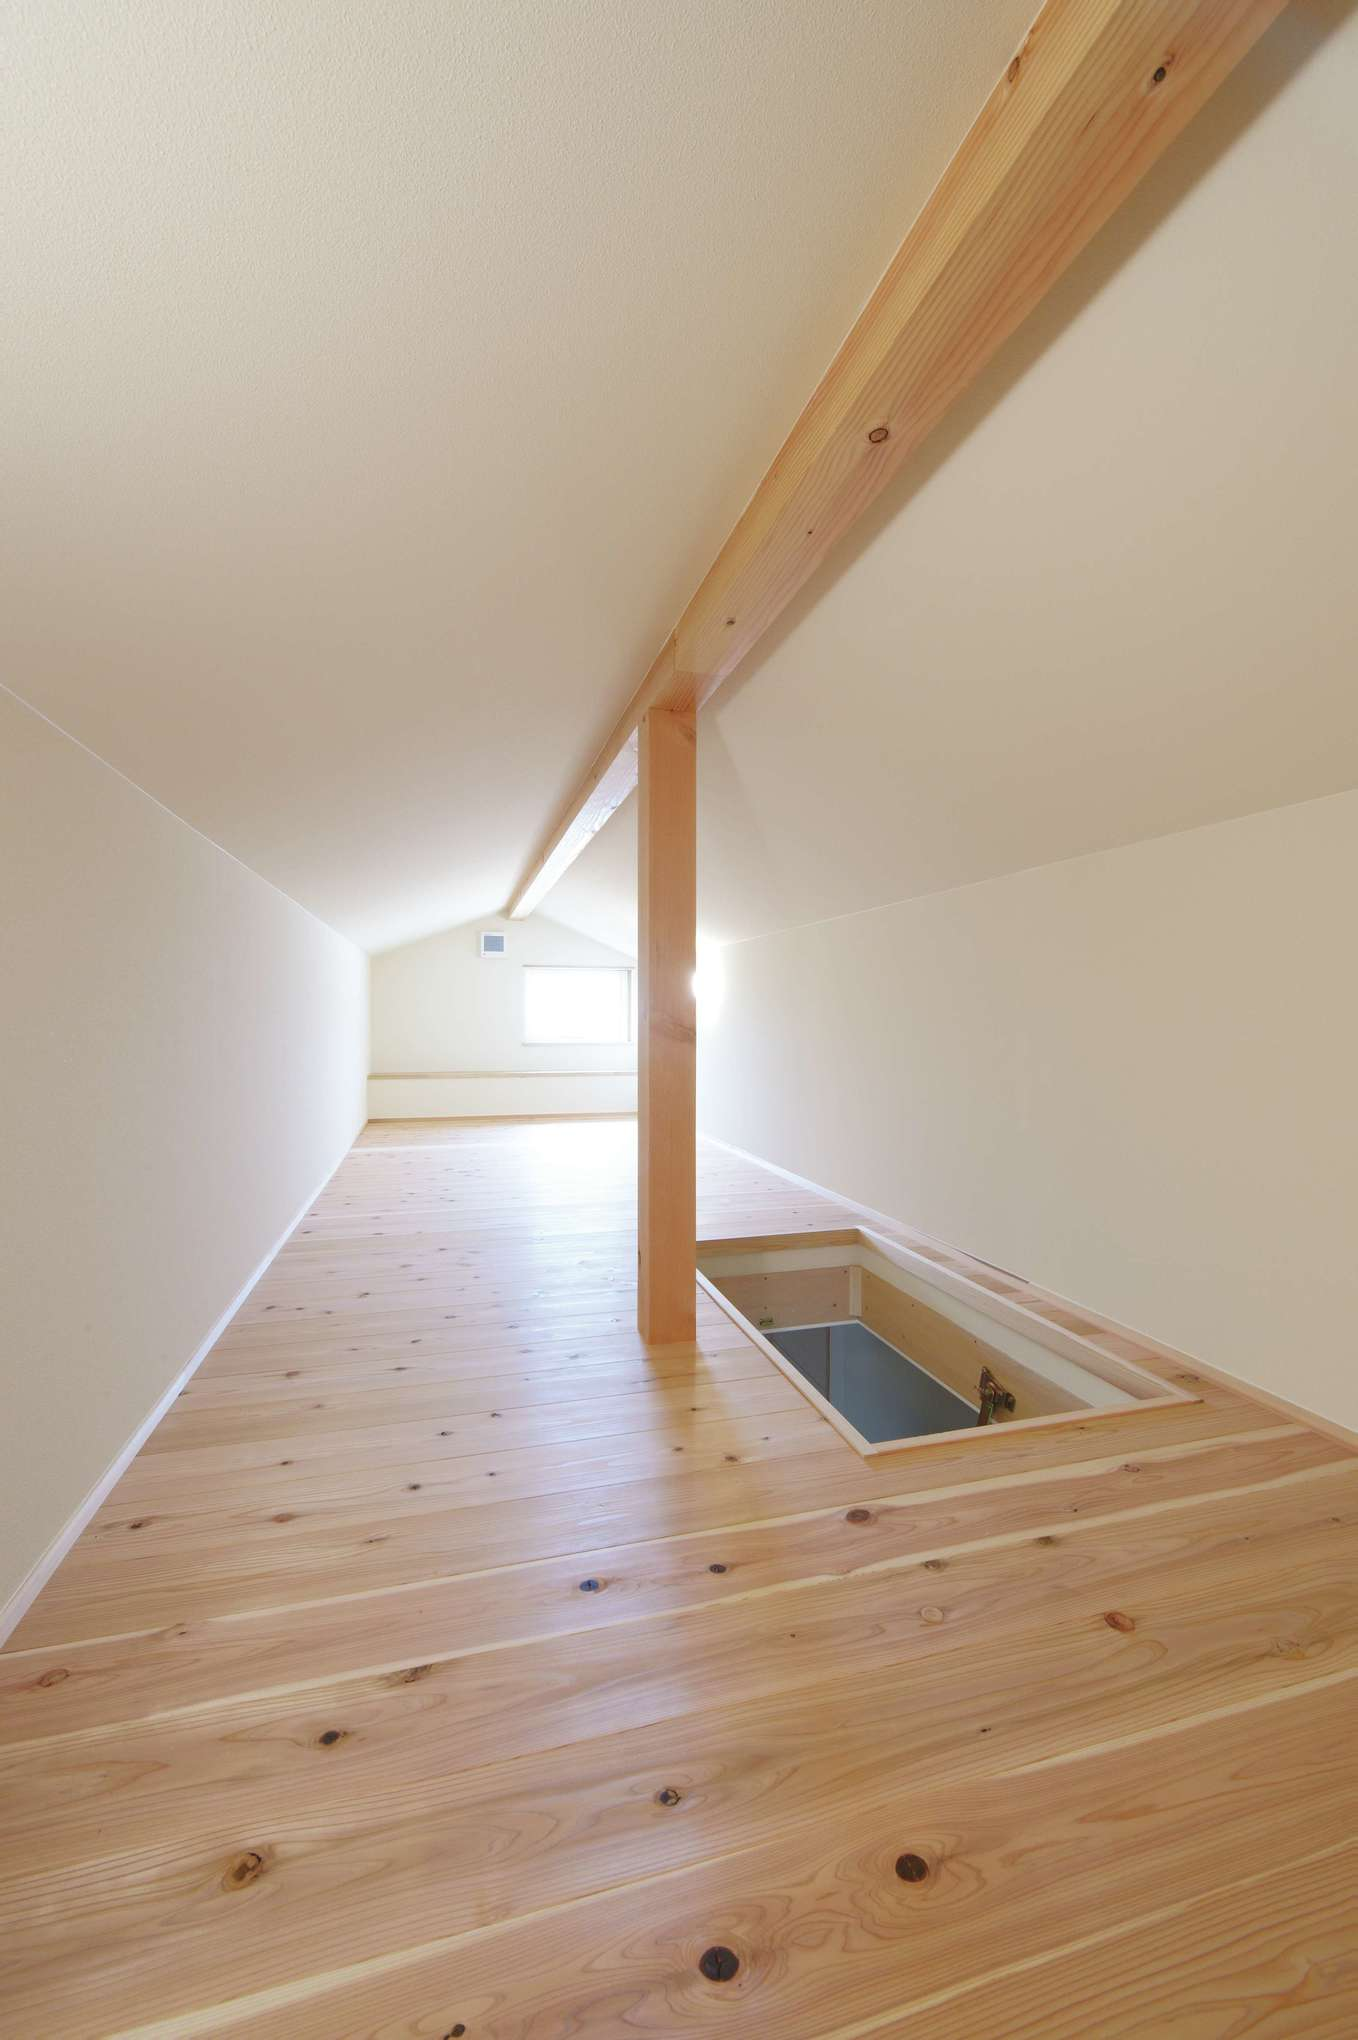 新栄住宅【自然素材、省エネ、間取り】小屋裏収納の床は杉を使用。採光と通風も十分